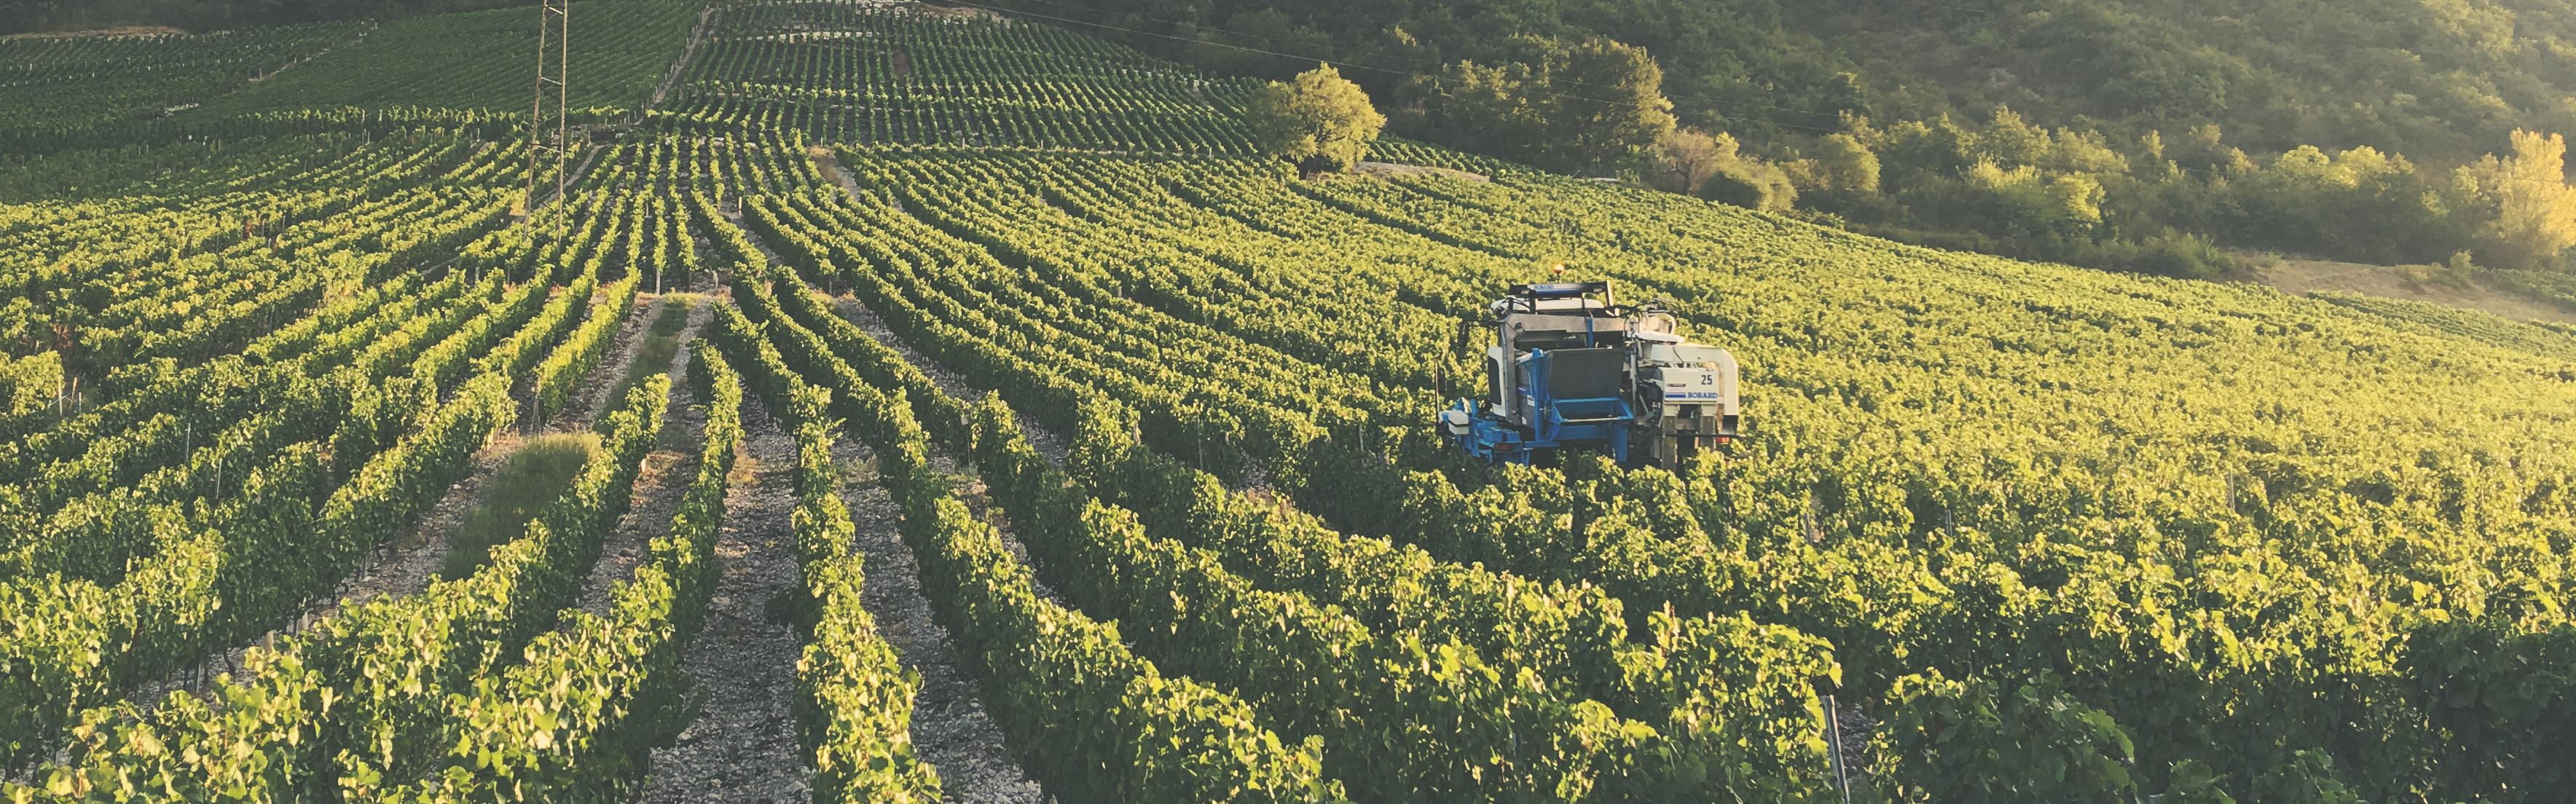 Jean Perrier harvest 2018